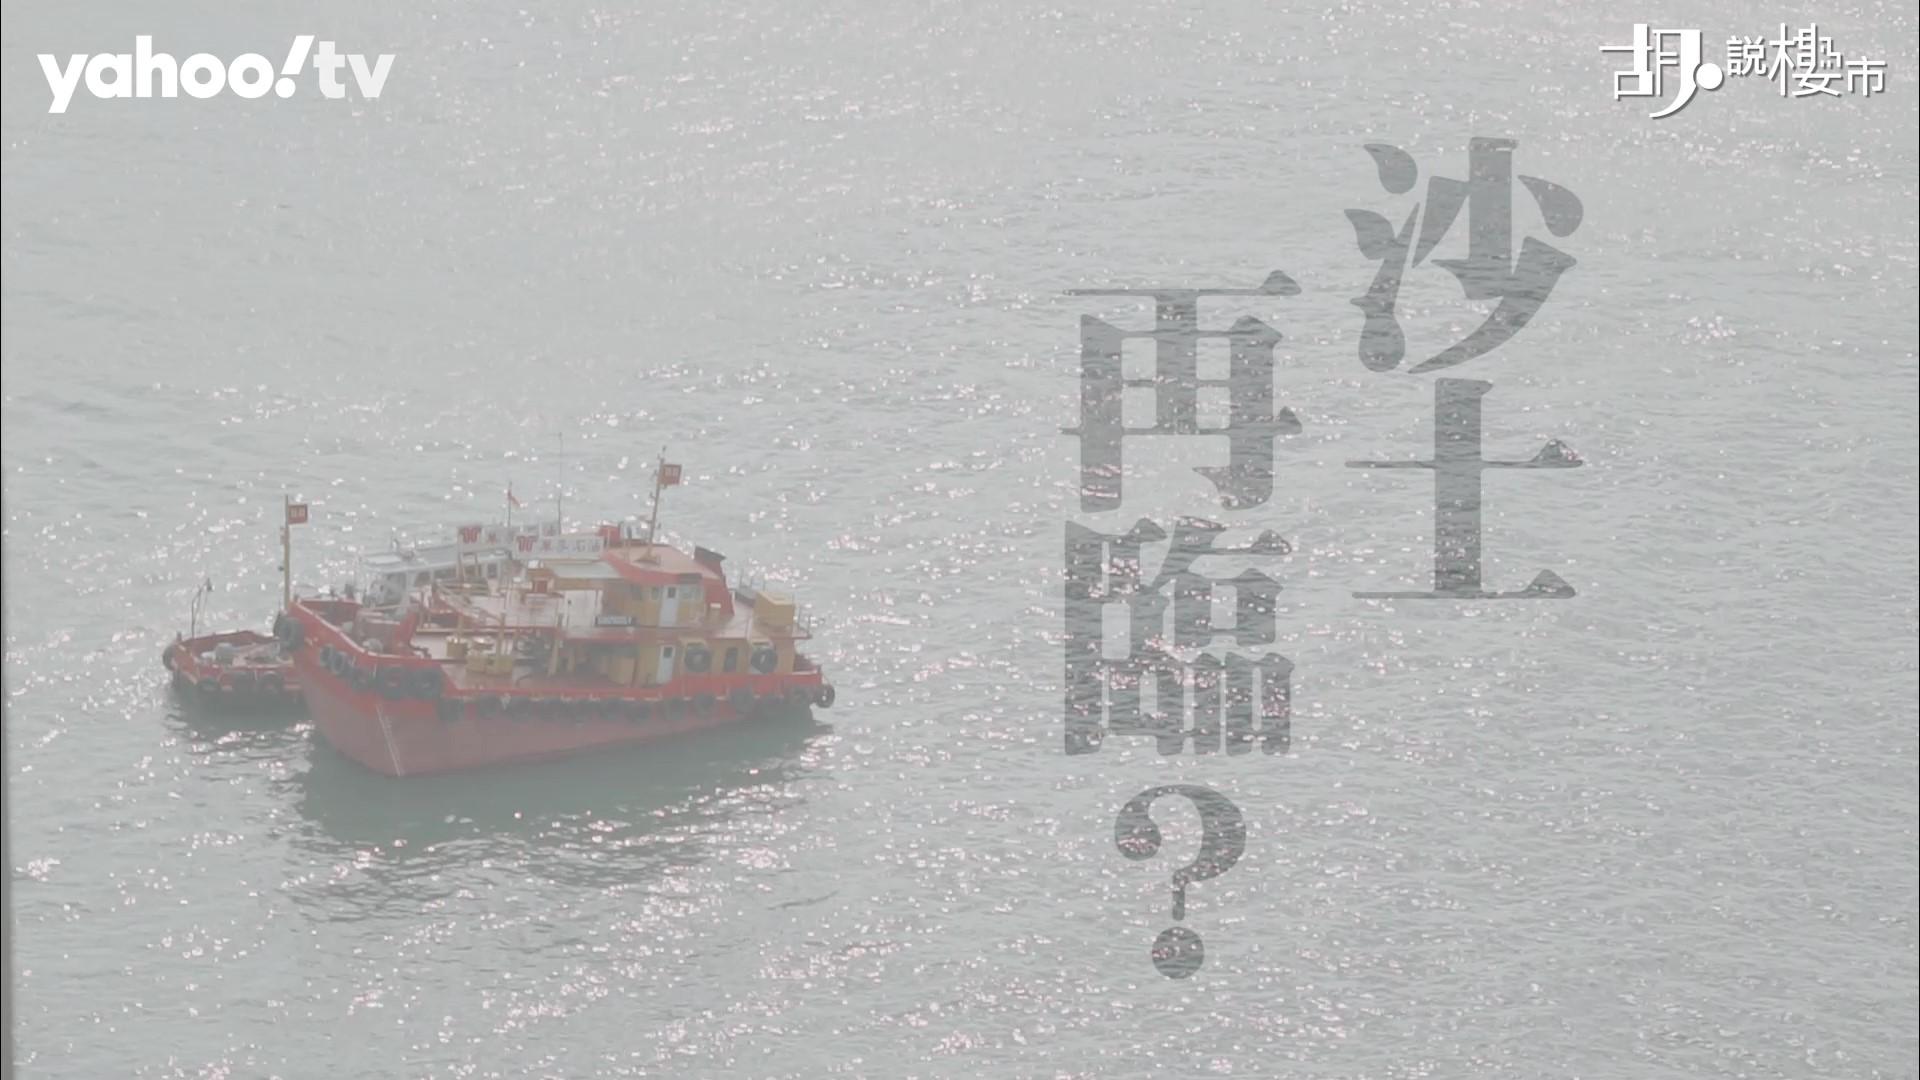 【胡.說樓市】武漢肺炎肆虐 03年沙士樓市又如何?